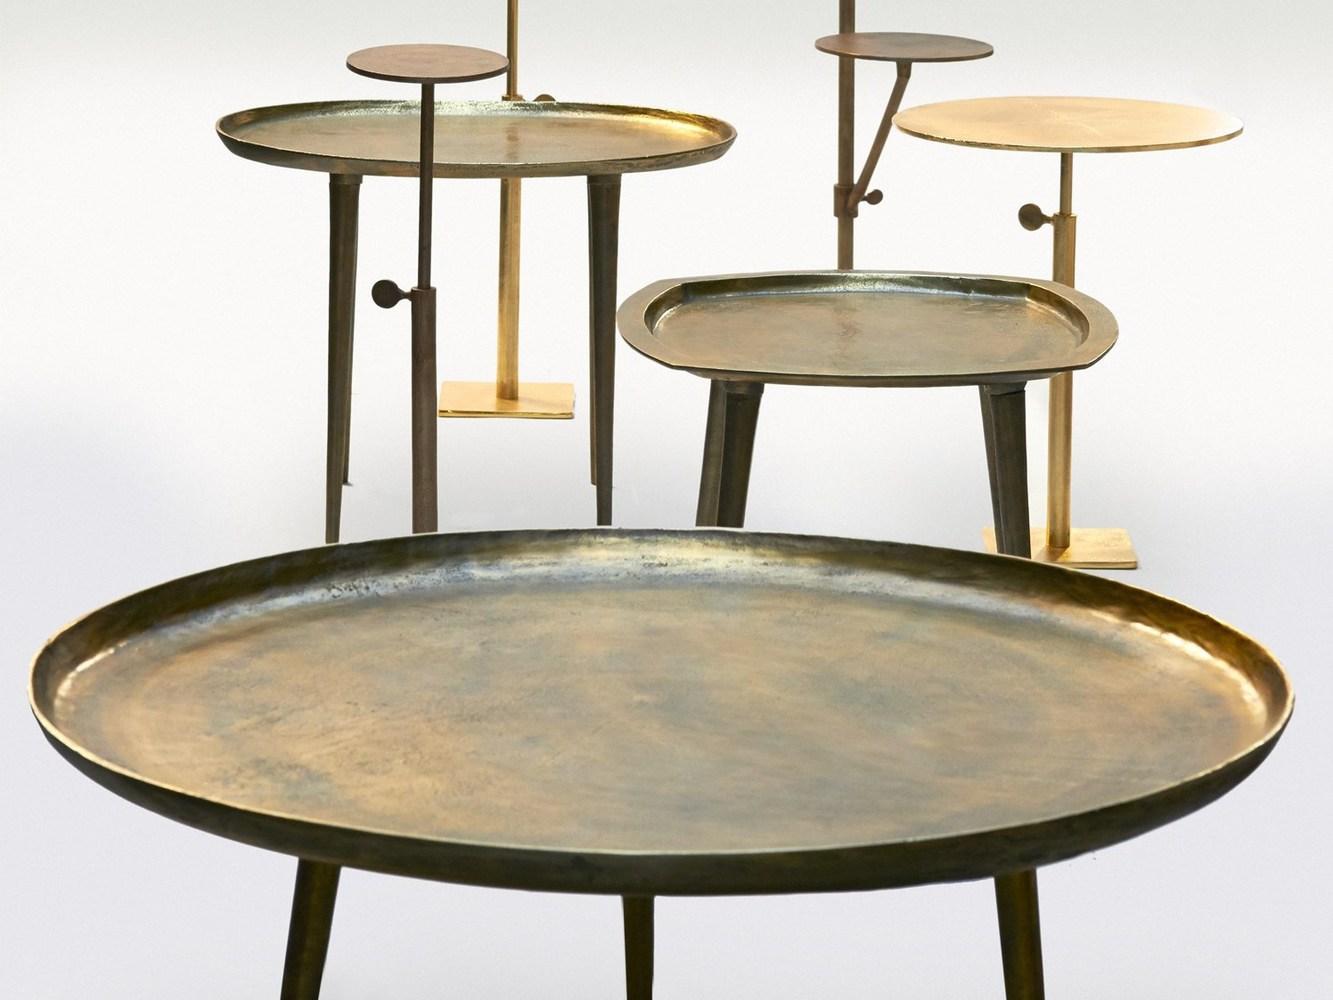 Les tables basses mobilier tables basses - Les tables basses ...